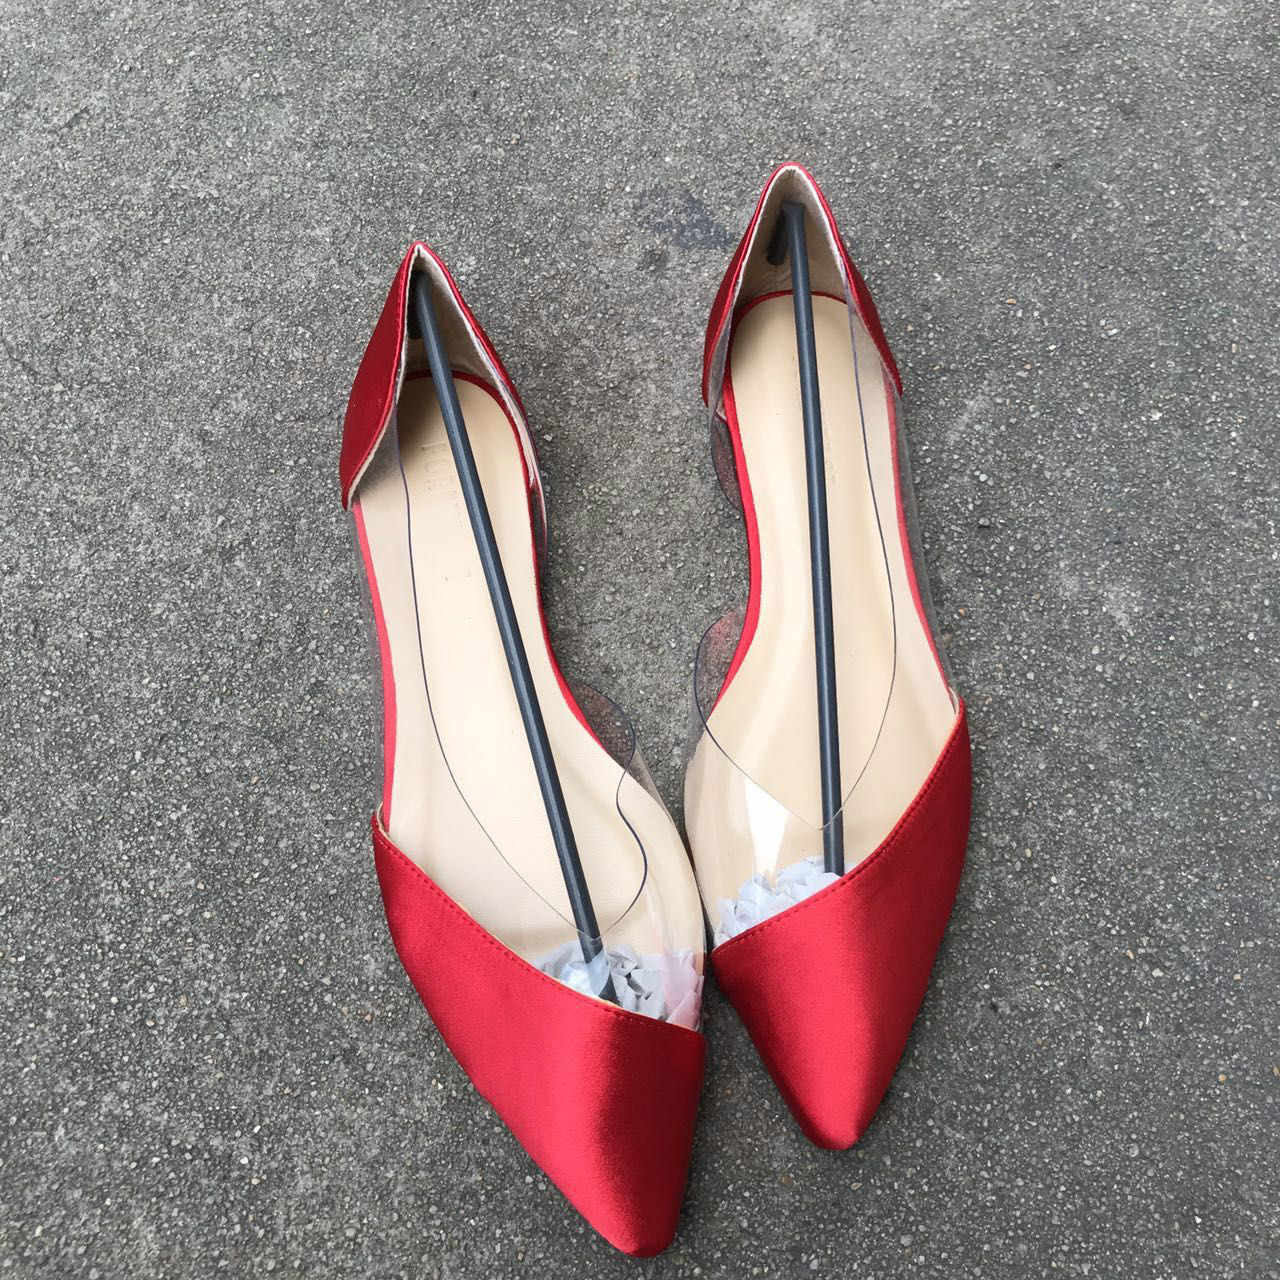 Thời Trang Nữ Giày Nữ Họa Tiết Da Báo Trơn Nông Bơm Mũi Nhọn Văn Phòng & Sự Nghiệp Giày